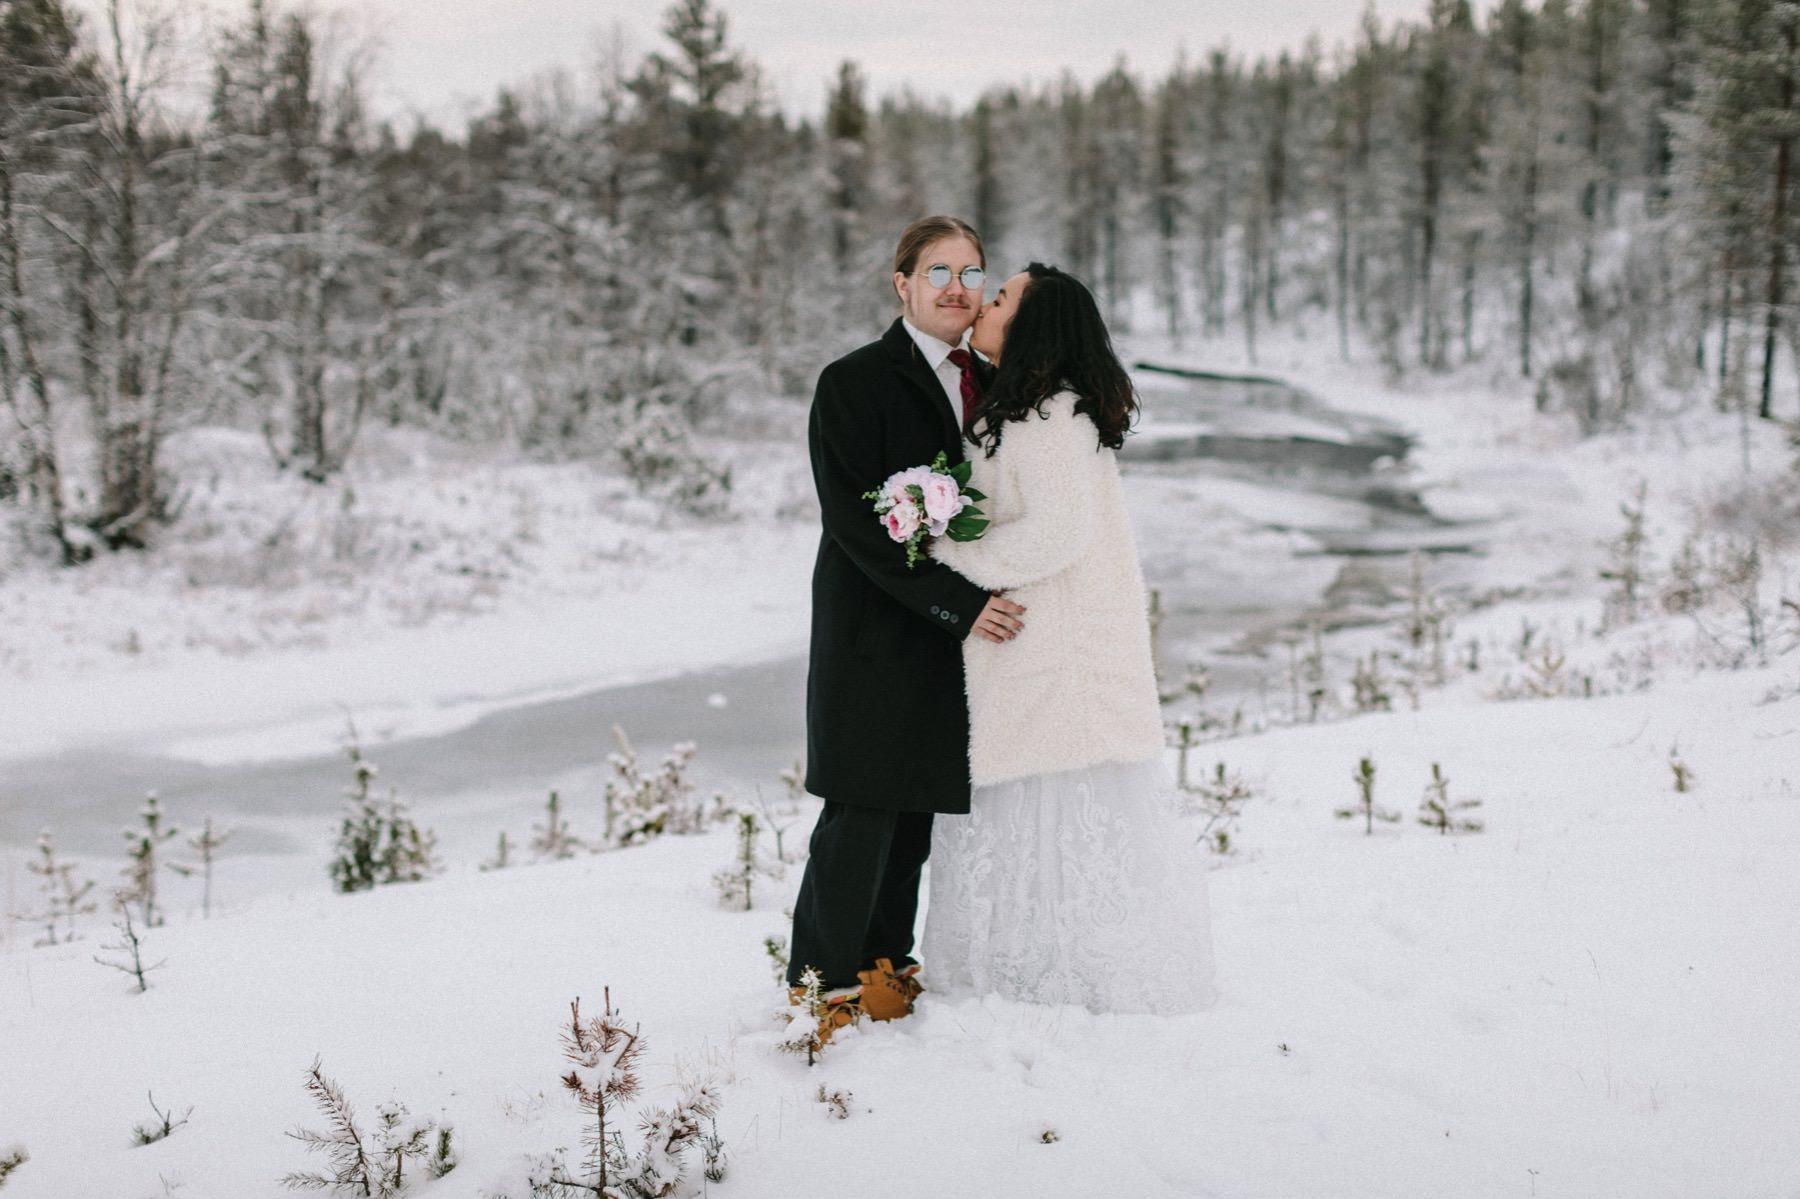 Lapland prewedding photographer